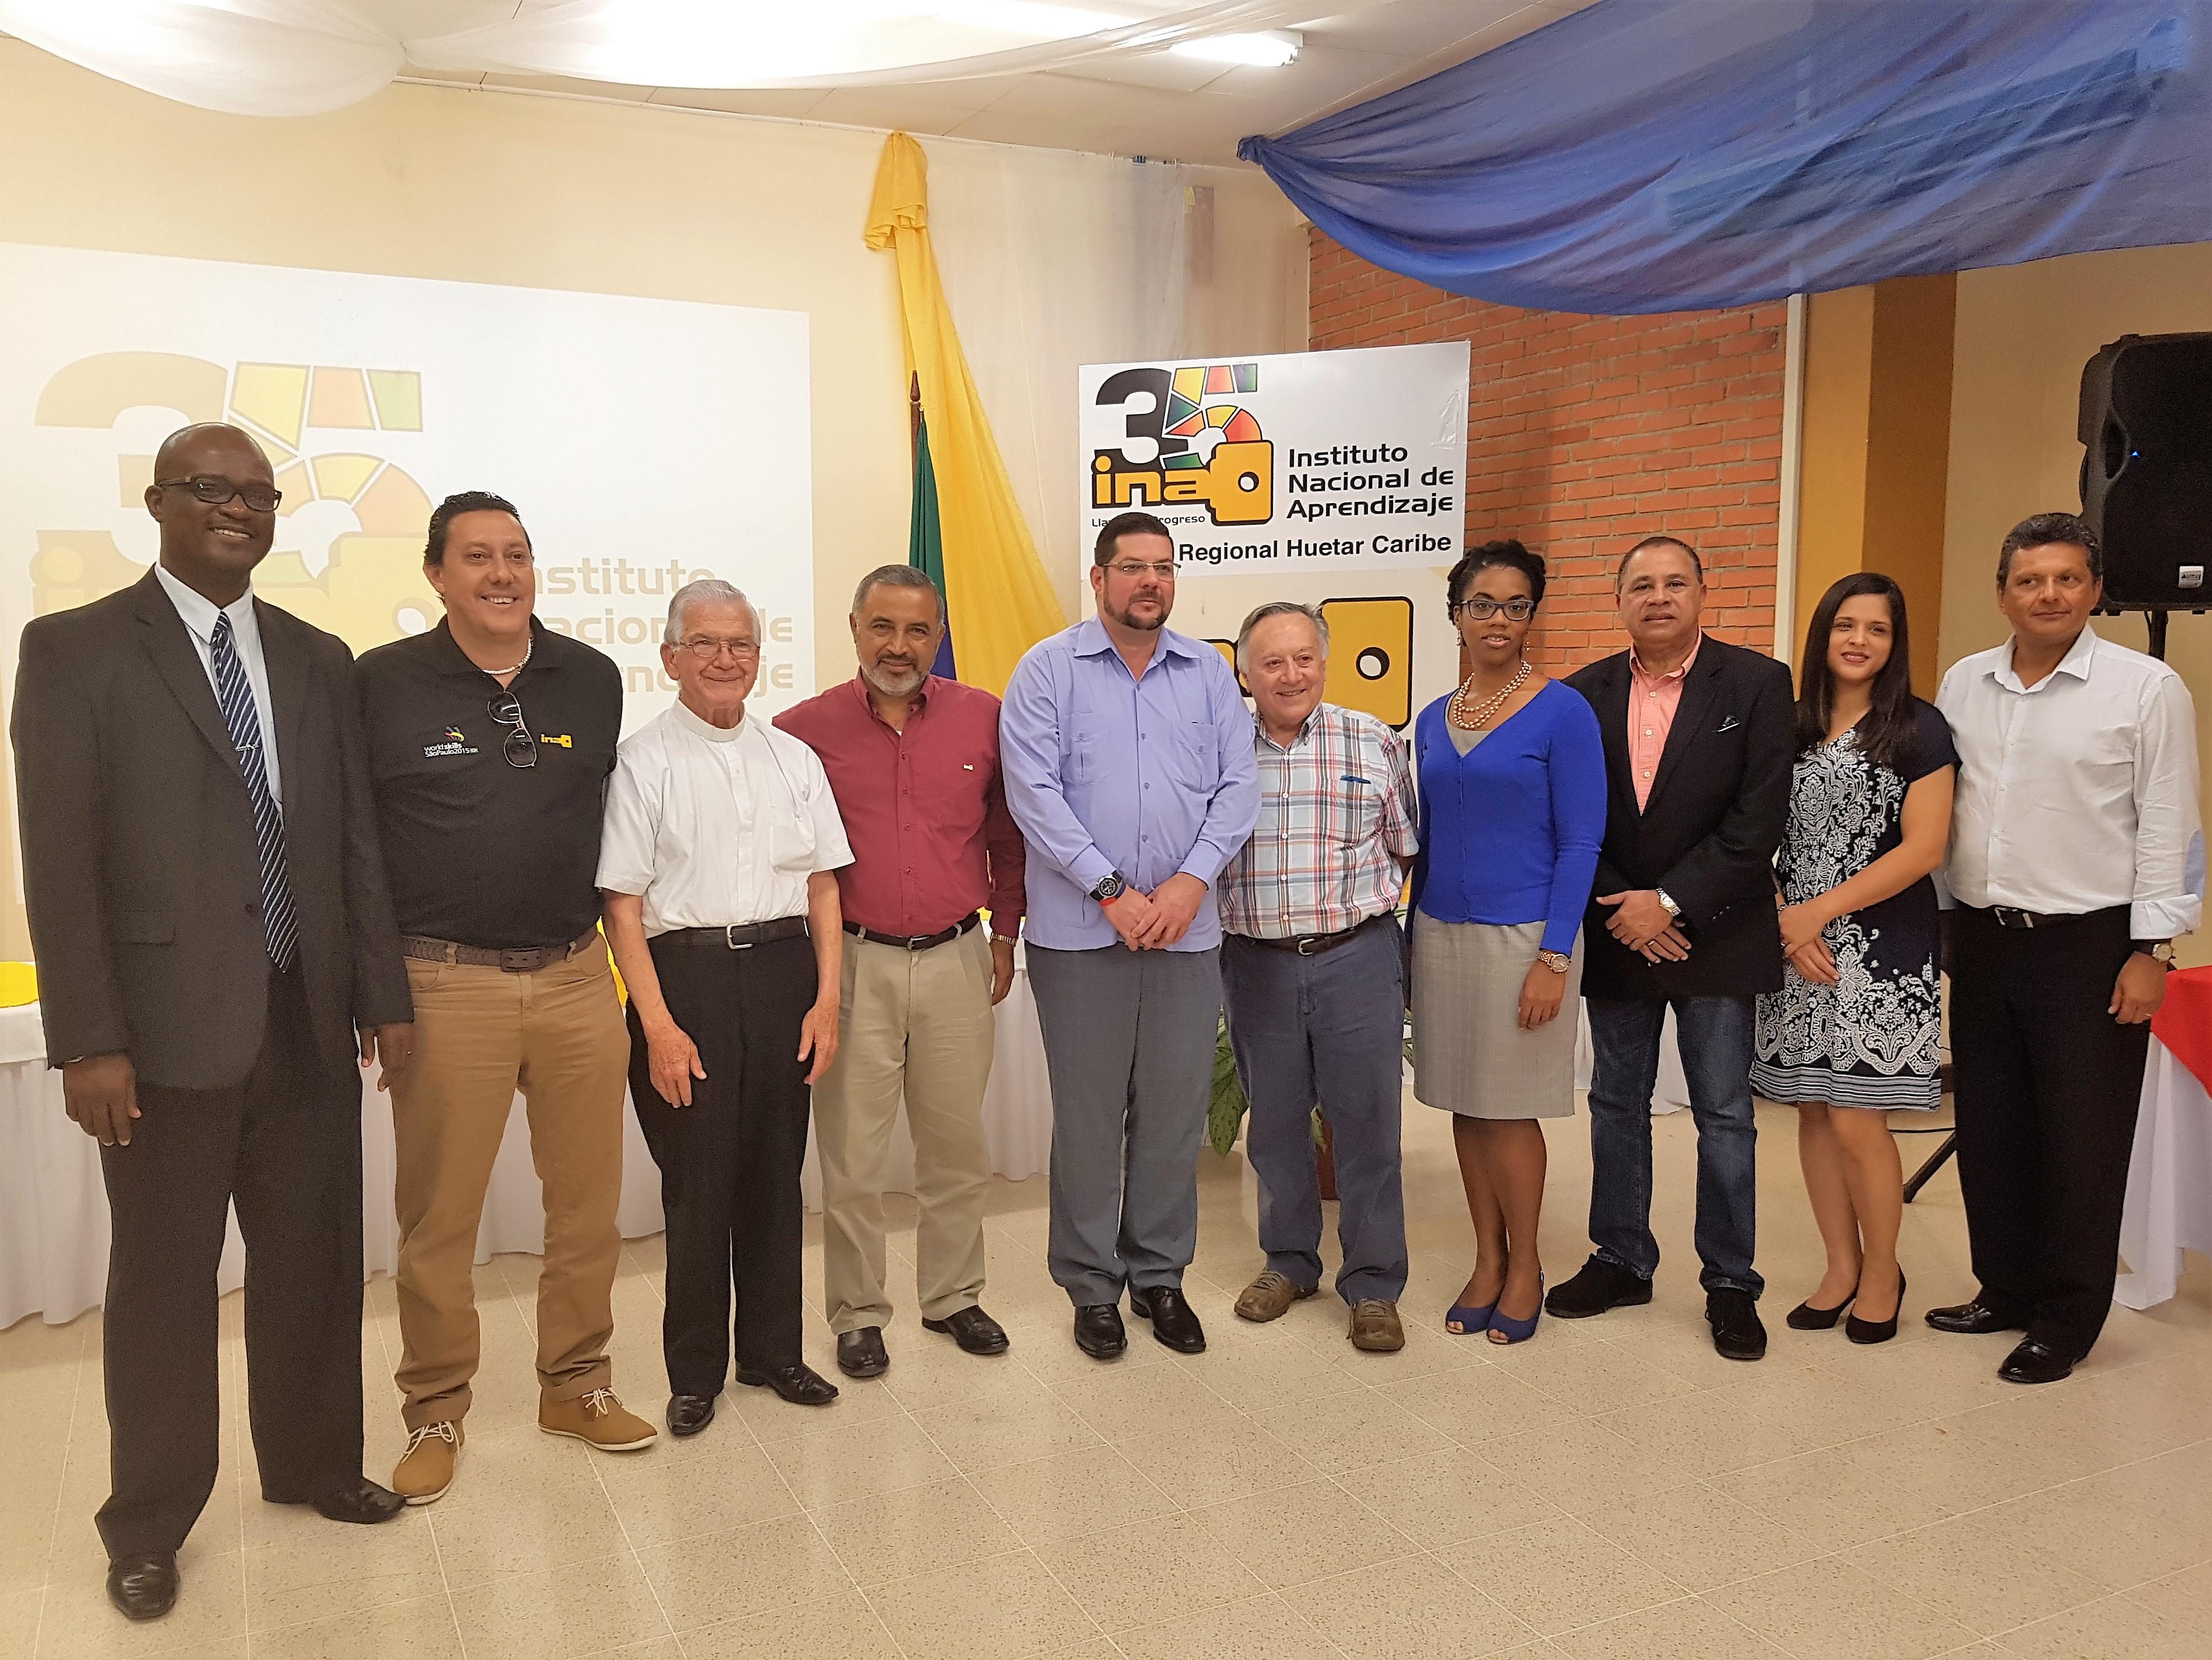 INA celebra primer Festival Internacional de Costa Rica desde el Caribe